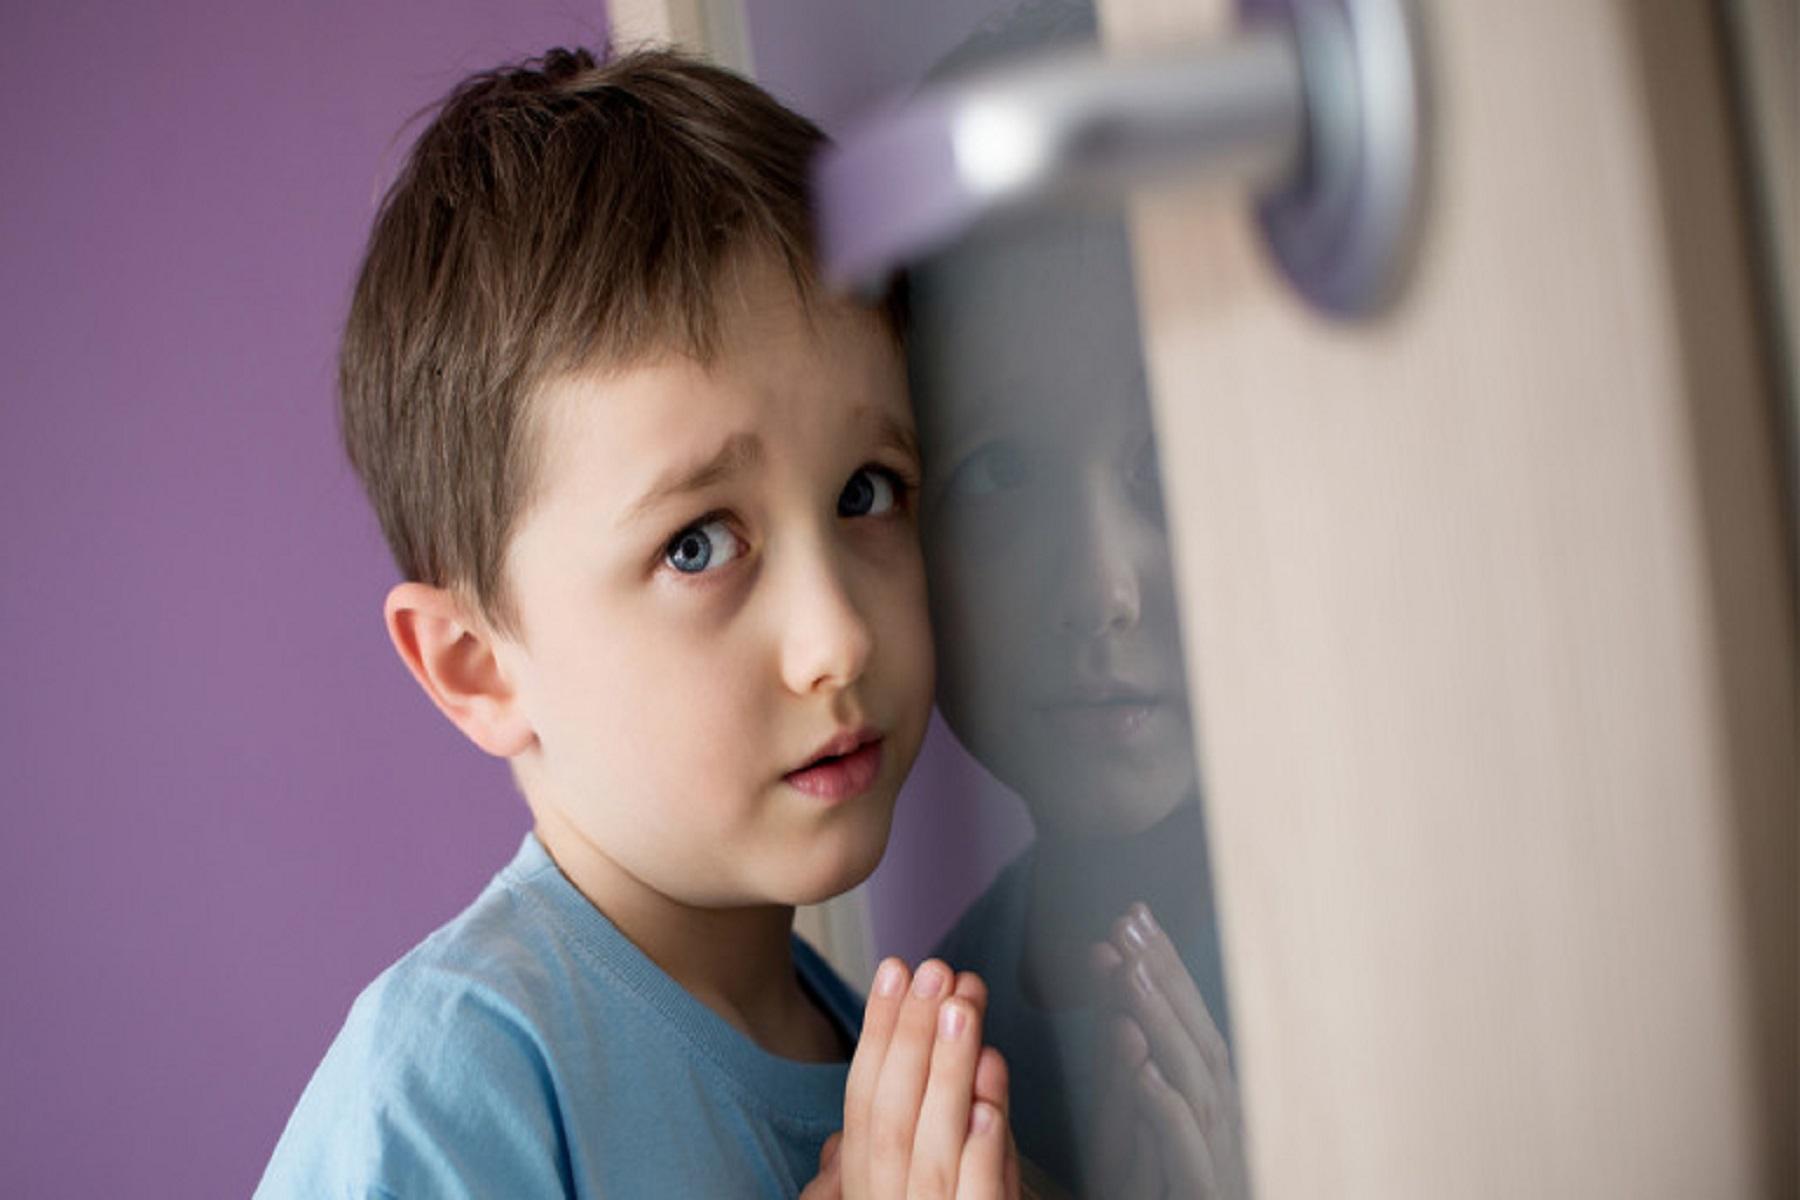 Γονείς Παιδί: Πλάνο αποτελεσματικής επικοινωνίας